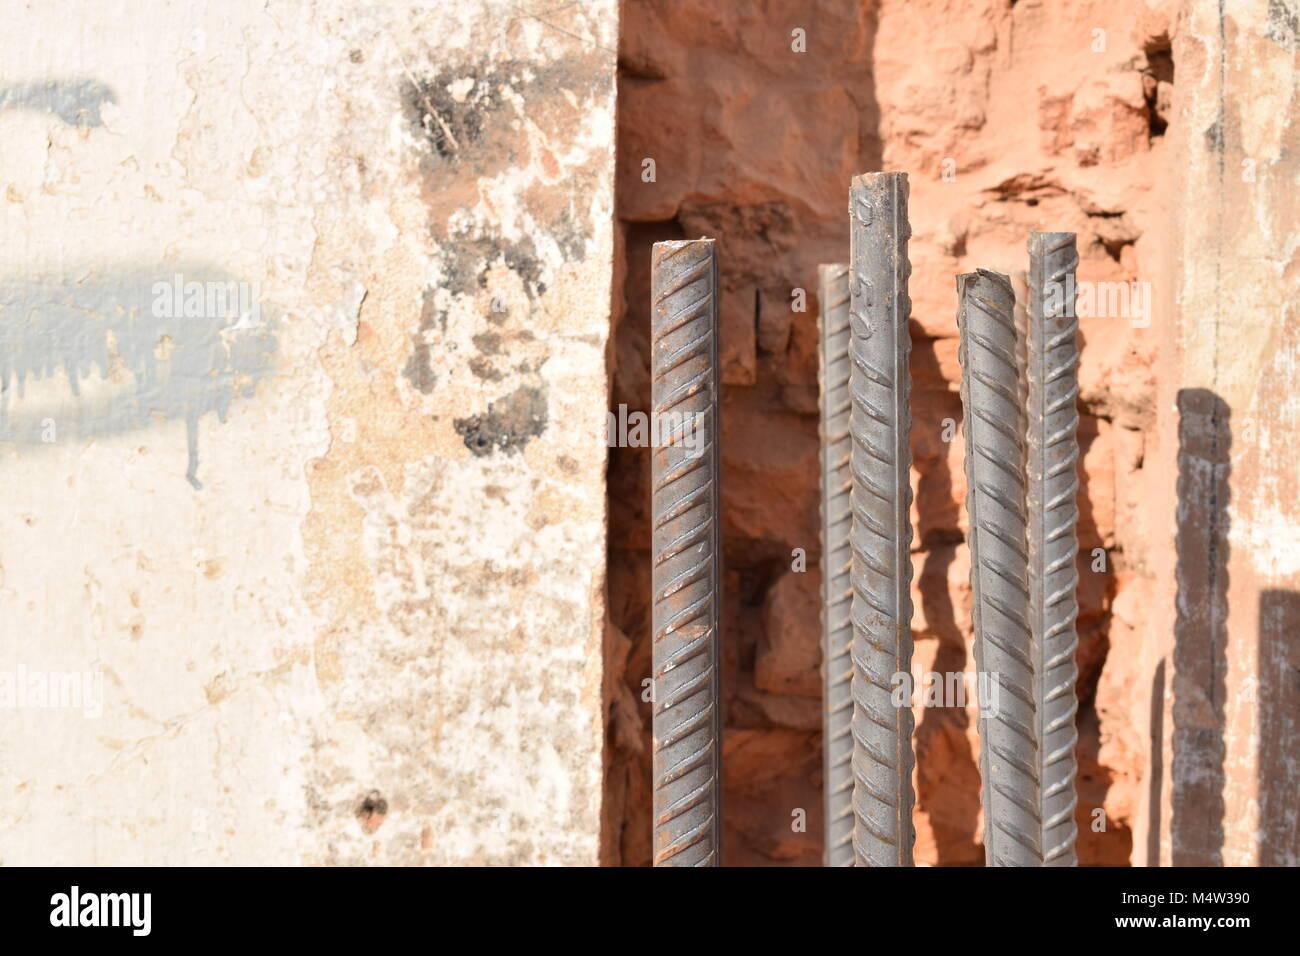 Scheinbare Metallrahmen Struktur in abgerissenen Gebäude Stockfoto ...